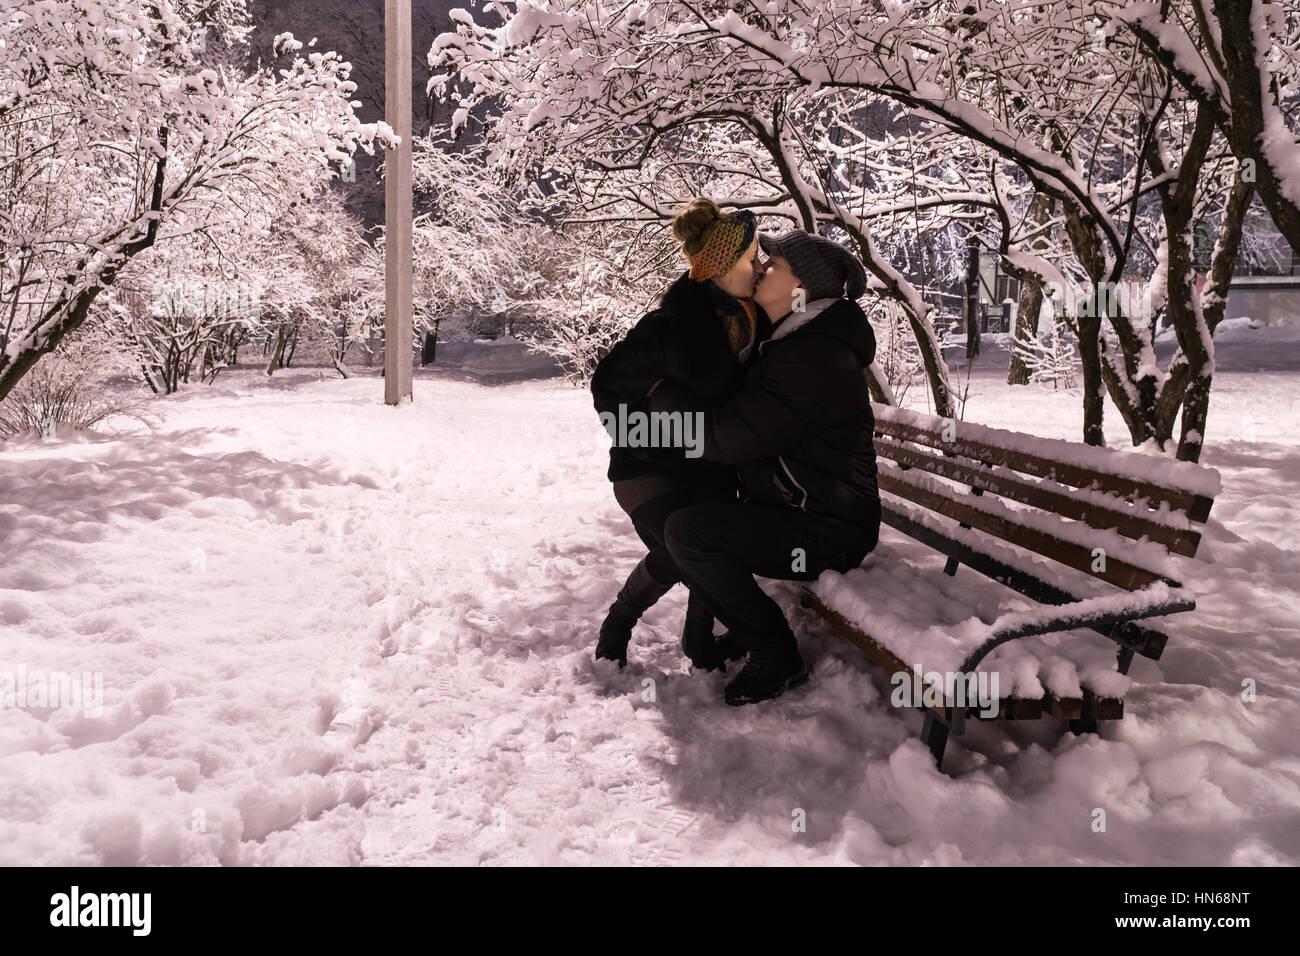 Im winter einer verschneiten nacht eine frau sitzt auf dem schoß